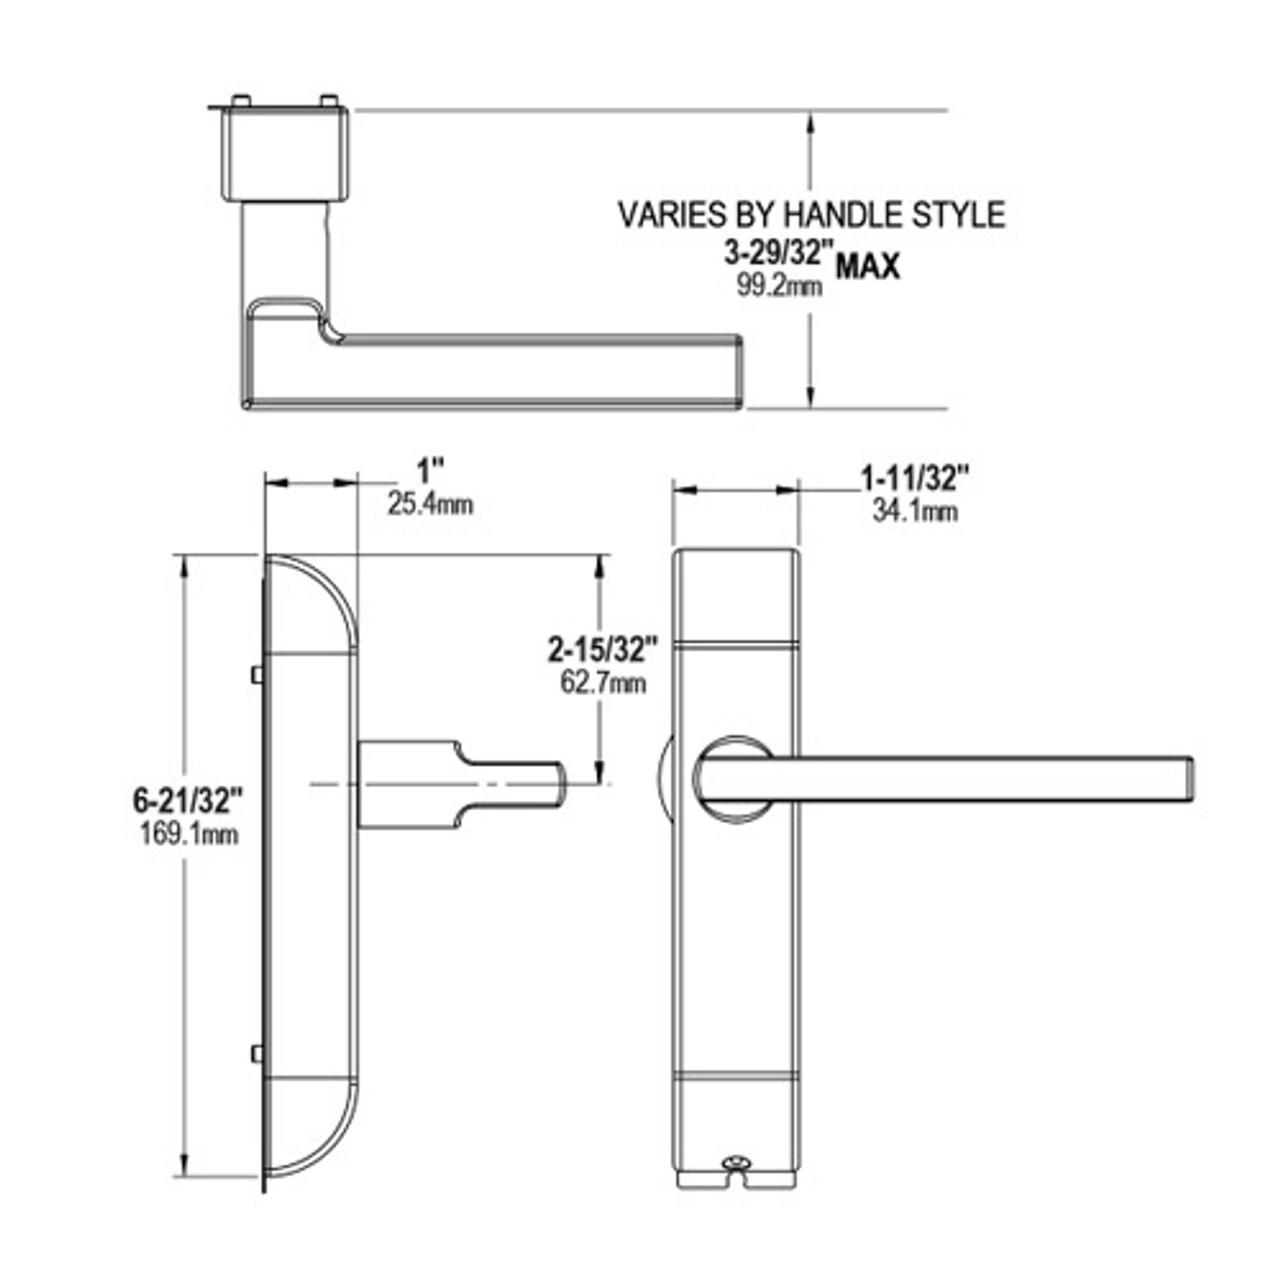 4600M-ME-651-US10B Adams Rite ME Designer handle Dimensional View